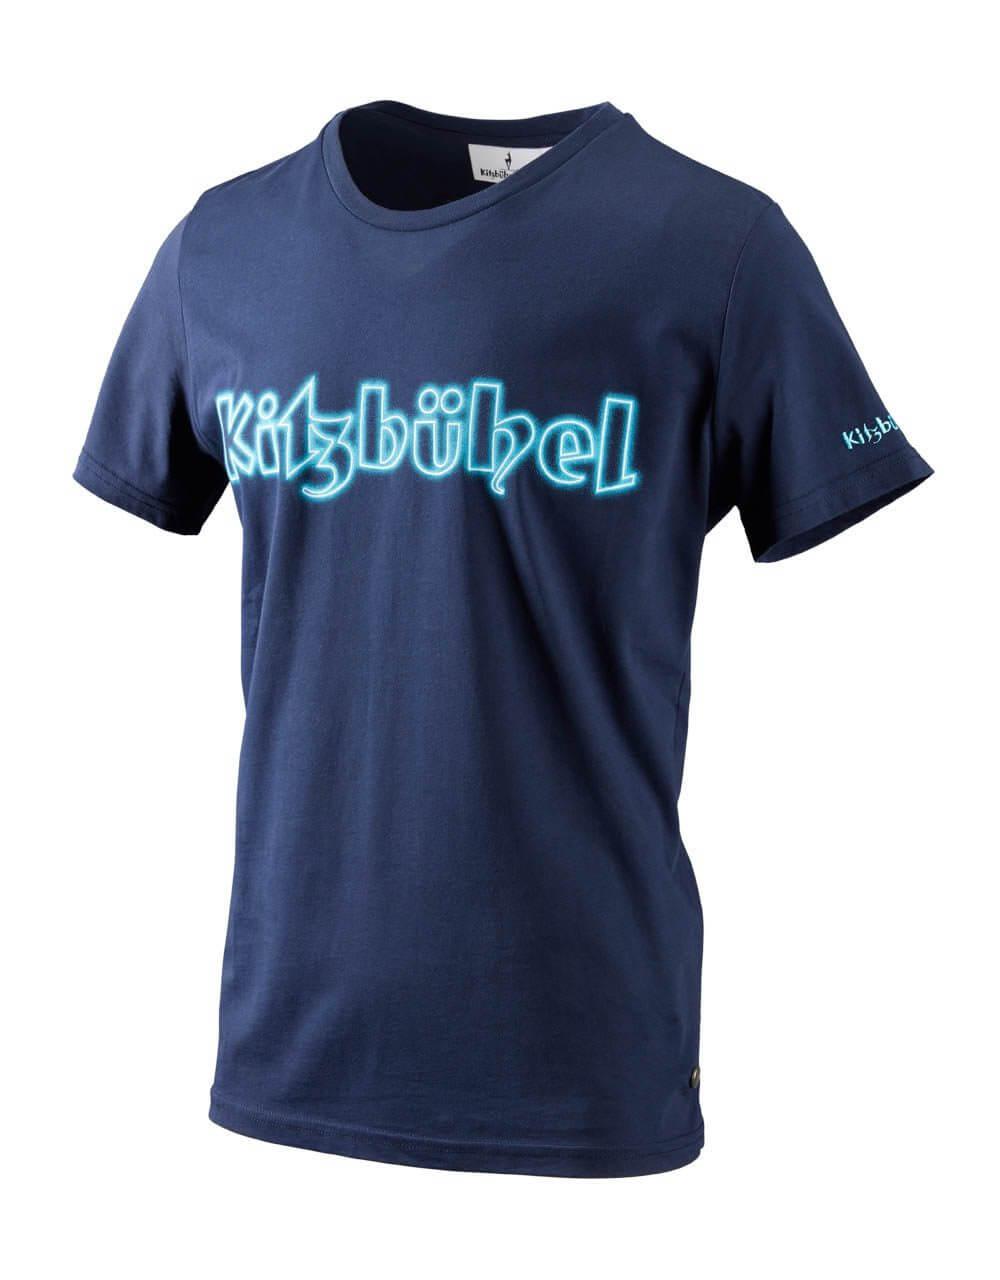 682603150 Herren T-Shirt neon